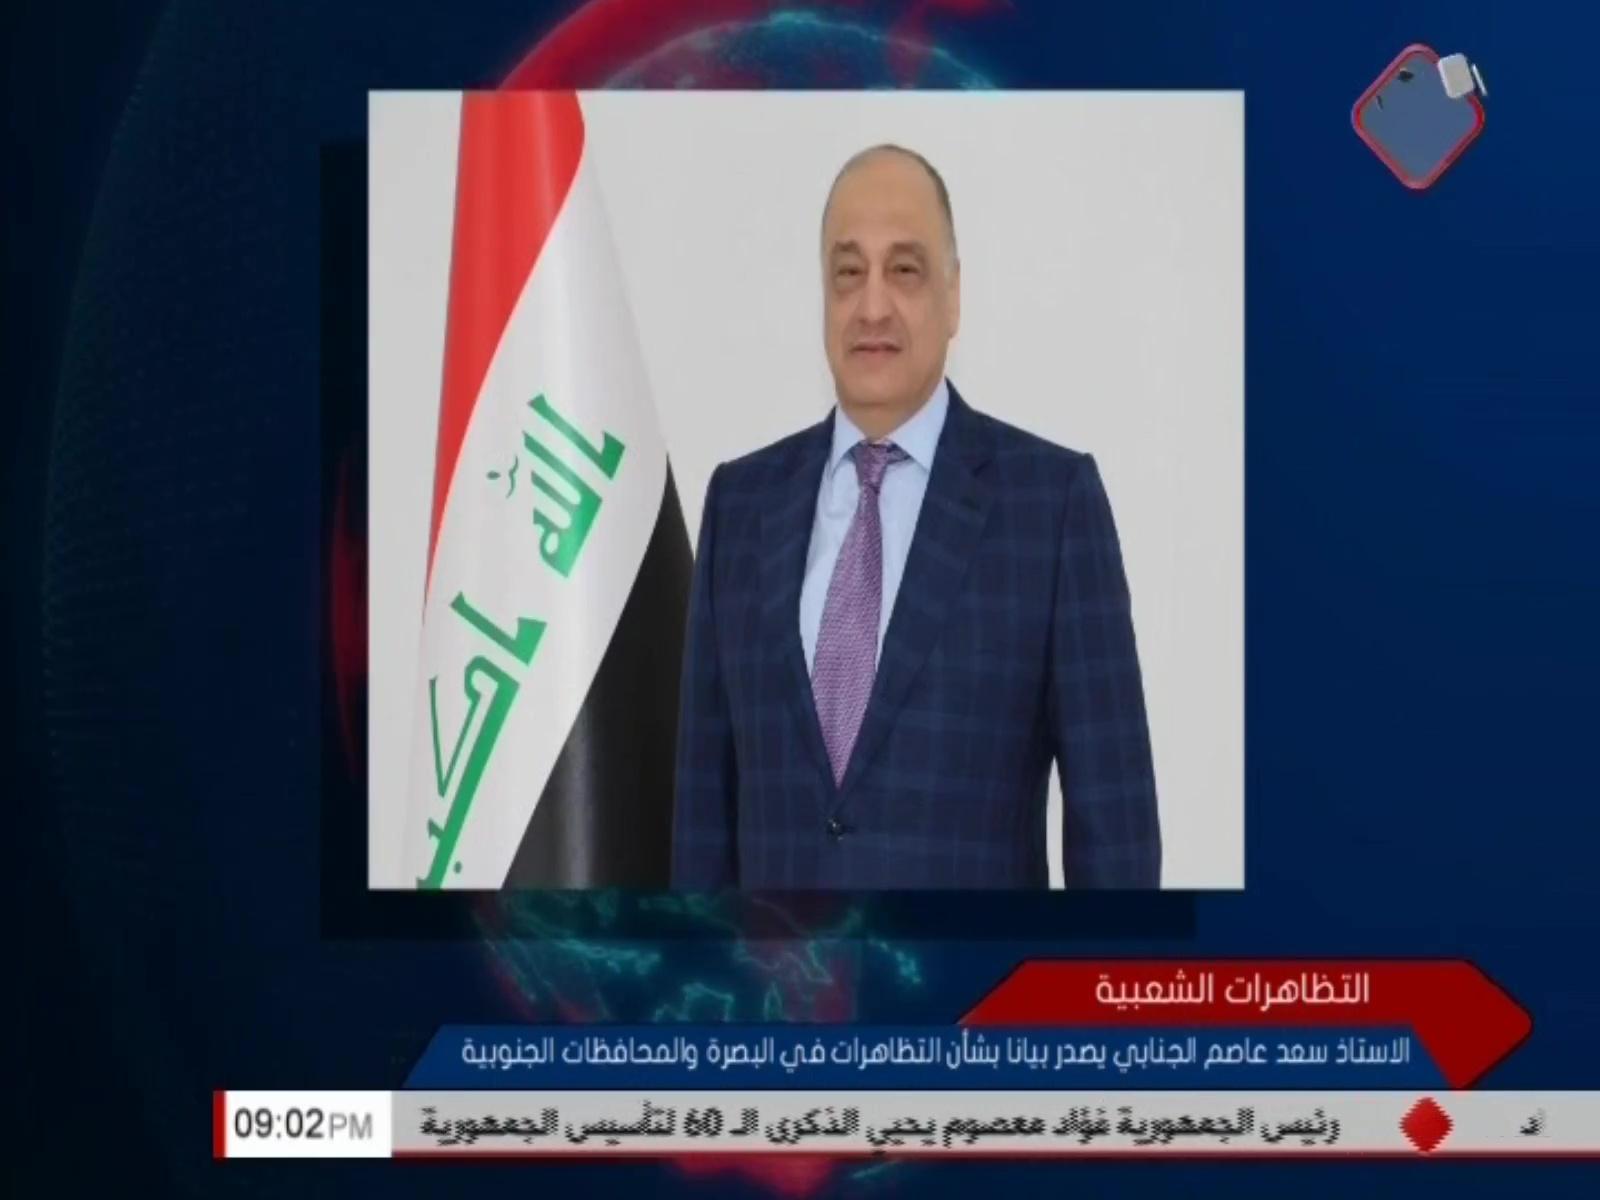 الاستاذ سعد عاصم الجنابي يصدر بيانا بشأن التظاهرات في البصرة والمحافظات الجنوبية